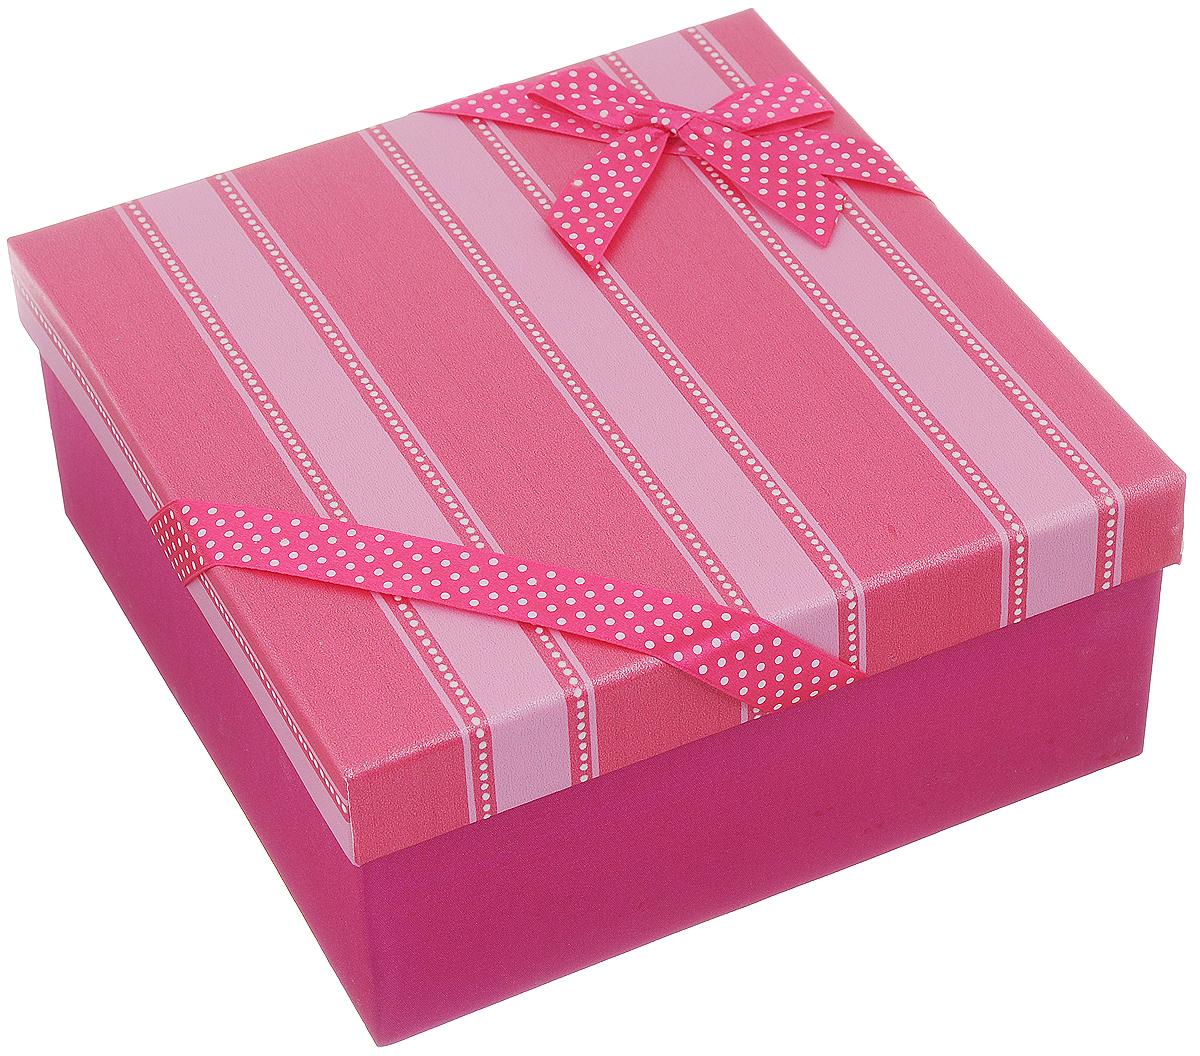 Коробка подарочная Packing Symphony Яркая тесьма, цвет: розовый, белый, 21 х 21 х 9,5 см80036854Подарочная коробка Packing Symphony Яркая тесьма выполнена из картона и декорирована текстильной лентой с бантом. Это один из самых оригинальных вариантов упаковки для подарка. Любой, даже самый нестандартный подарок упакованный в такую коробку, создаст момент легкой интриги, а плотный картон сохранит содержимое в первоначальном виде. Оригинальный дизайн самой коробки будет долго напоминать владельцу о трогательных моментах получения подарка.